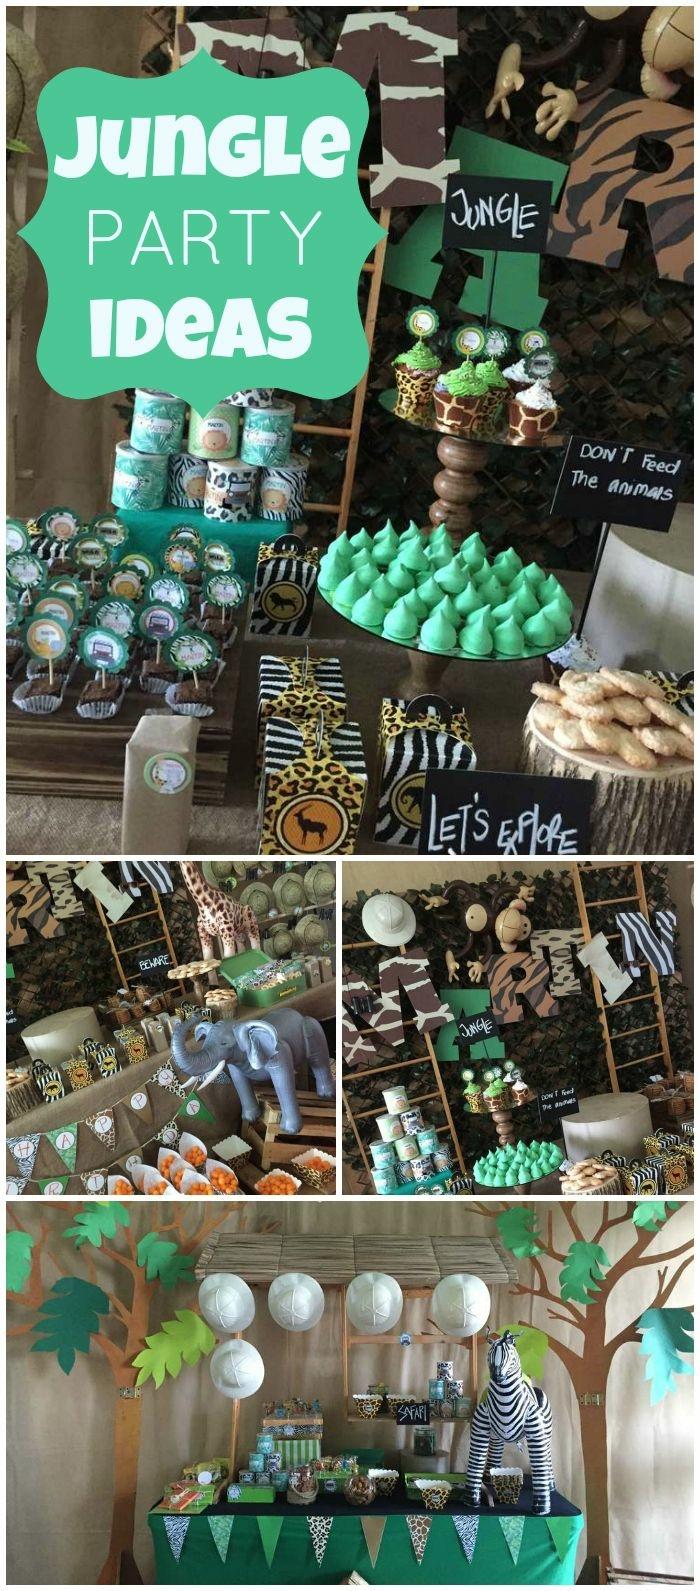 18 geburtstag deko alles in grün wie in einer dschungel, deko und essen ideen, muffins